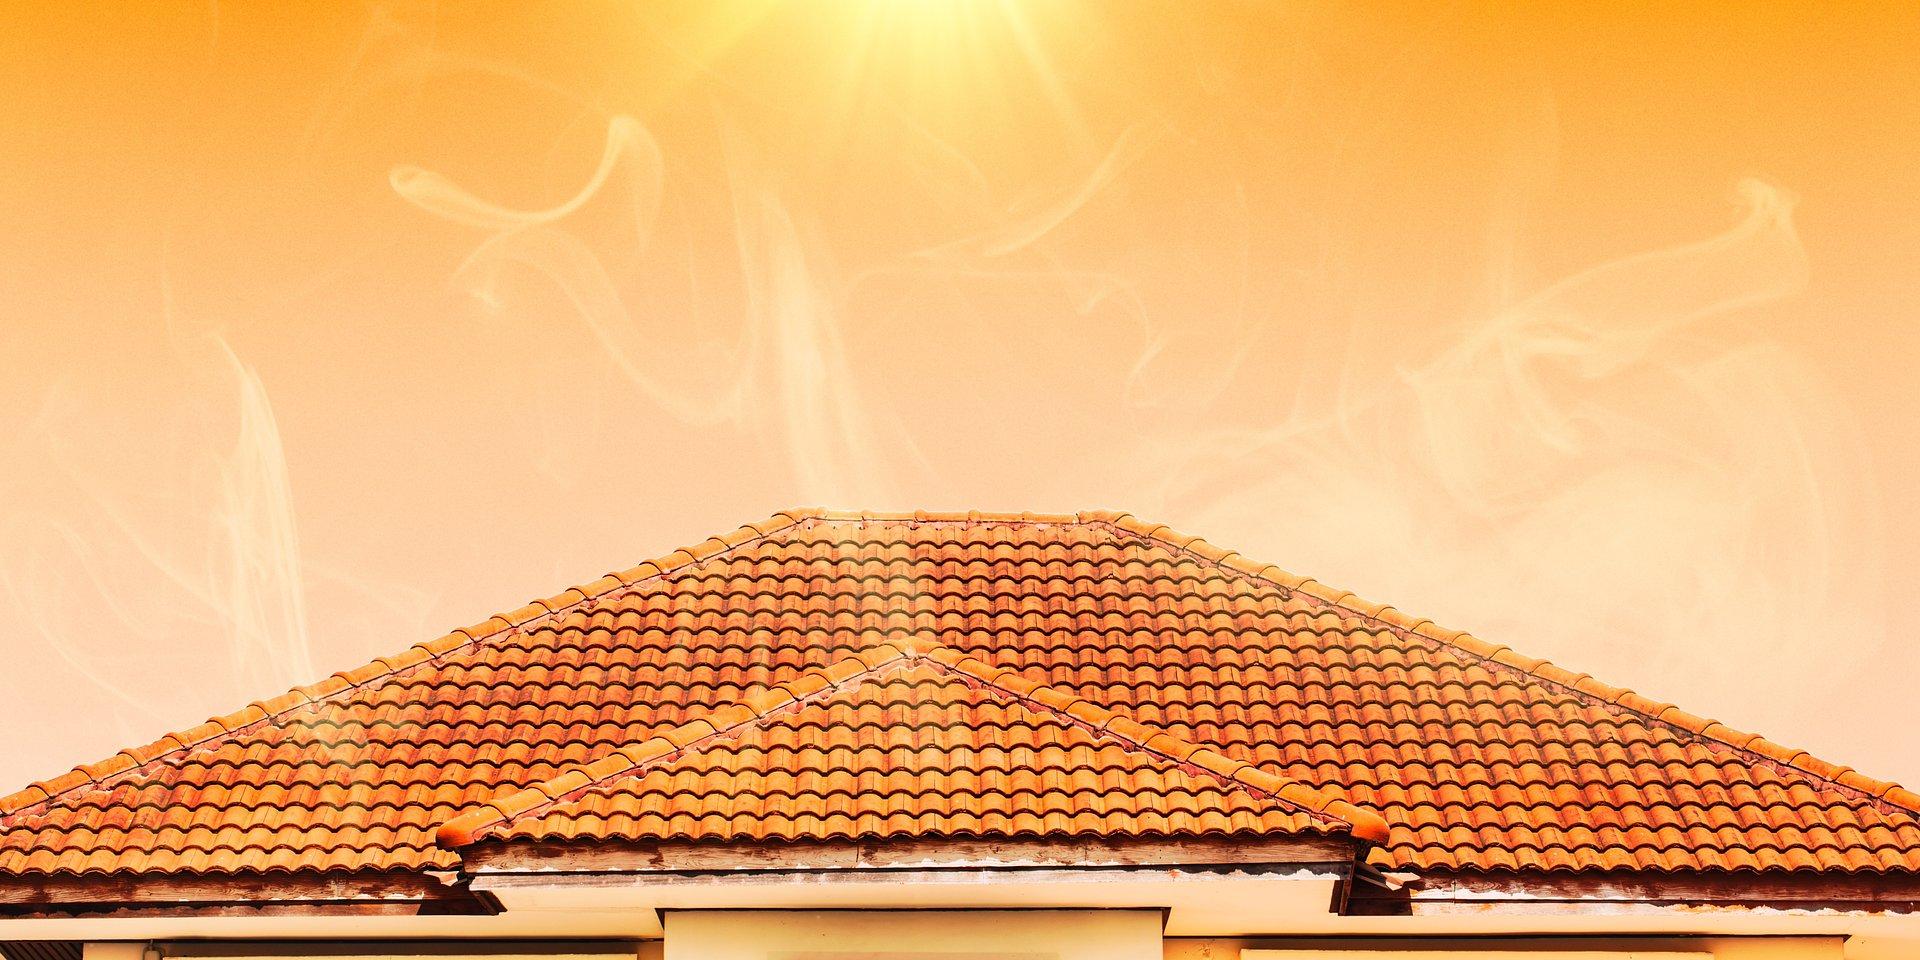 Nowoczesne membrany chronią dach przed promieniowaniem UV i przedłużają jego żywotność